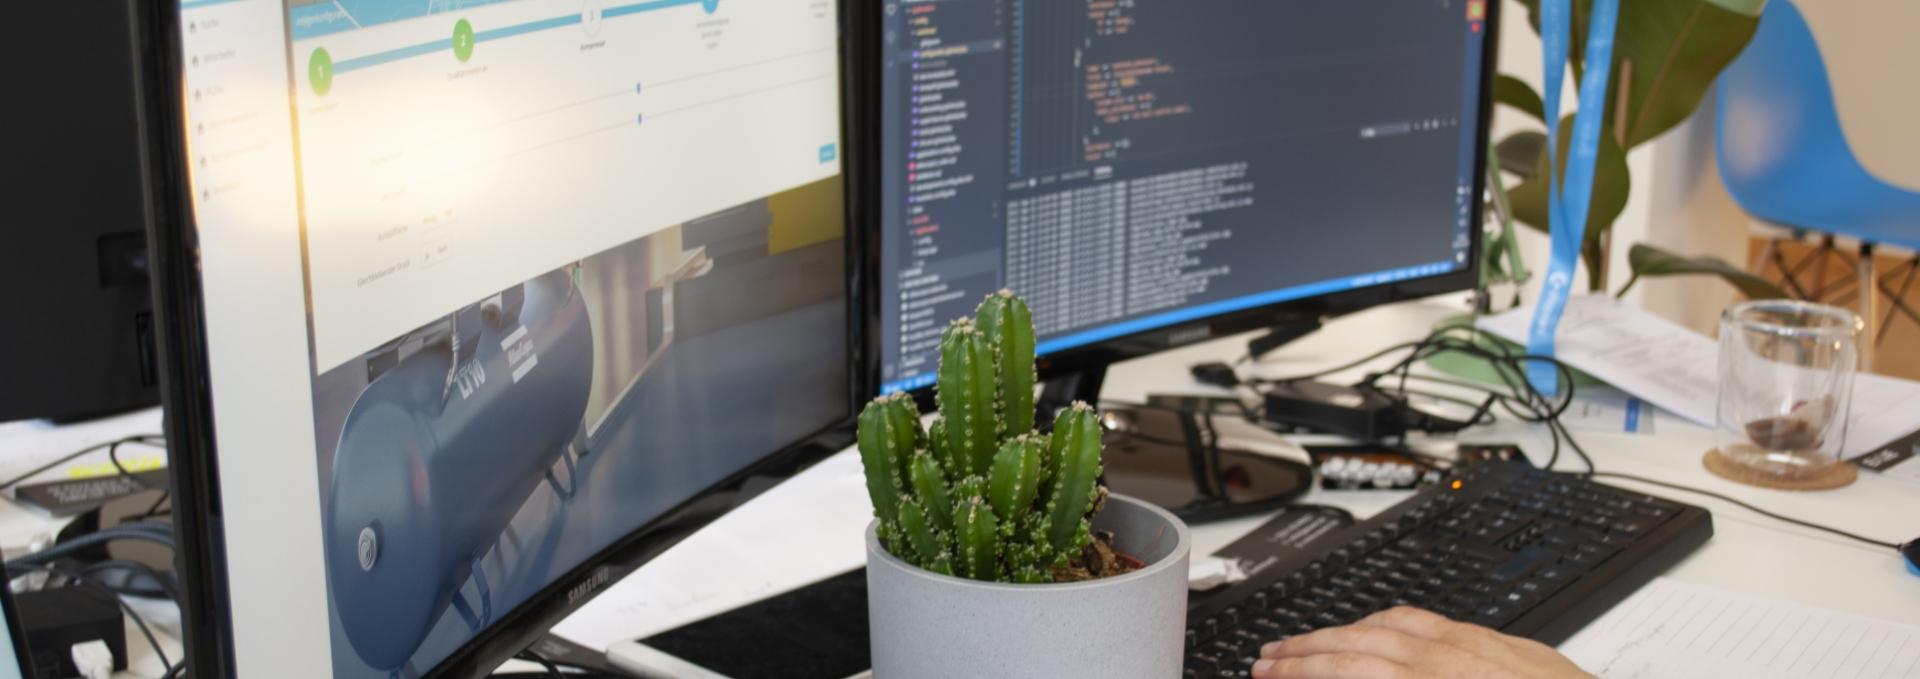 Foto Schreibtisch mit PC